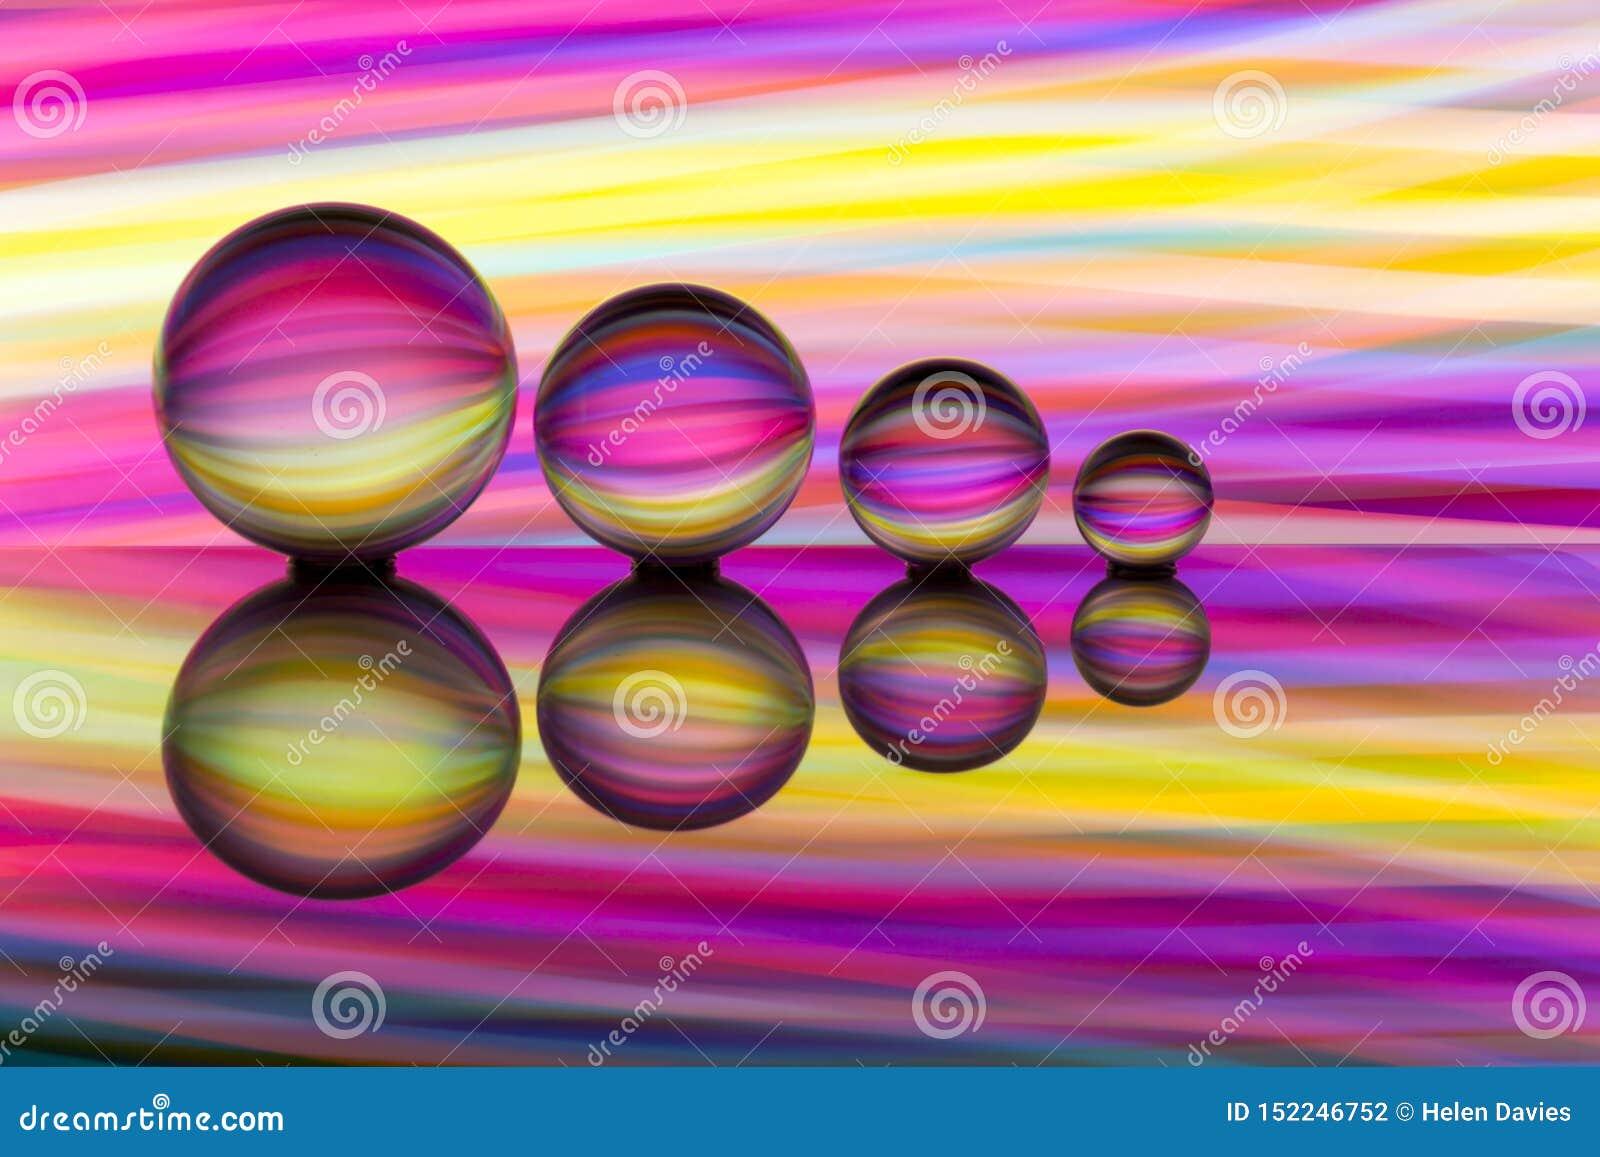 4 хрустального шара в ряд с красочными чертами цвета радуги за ими